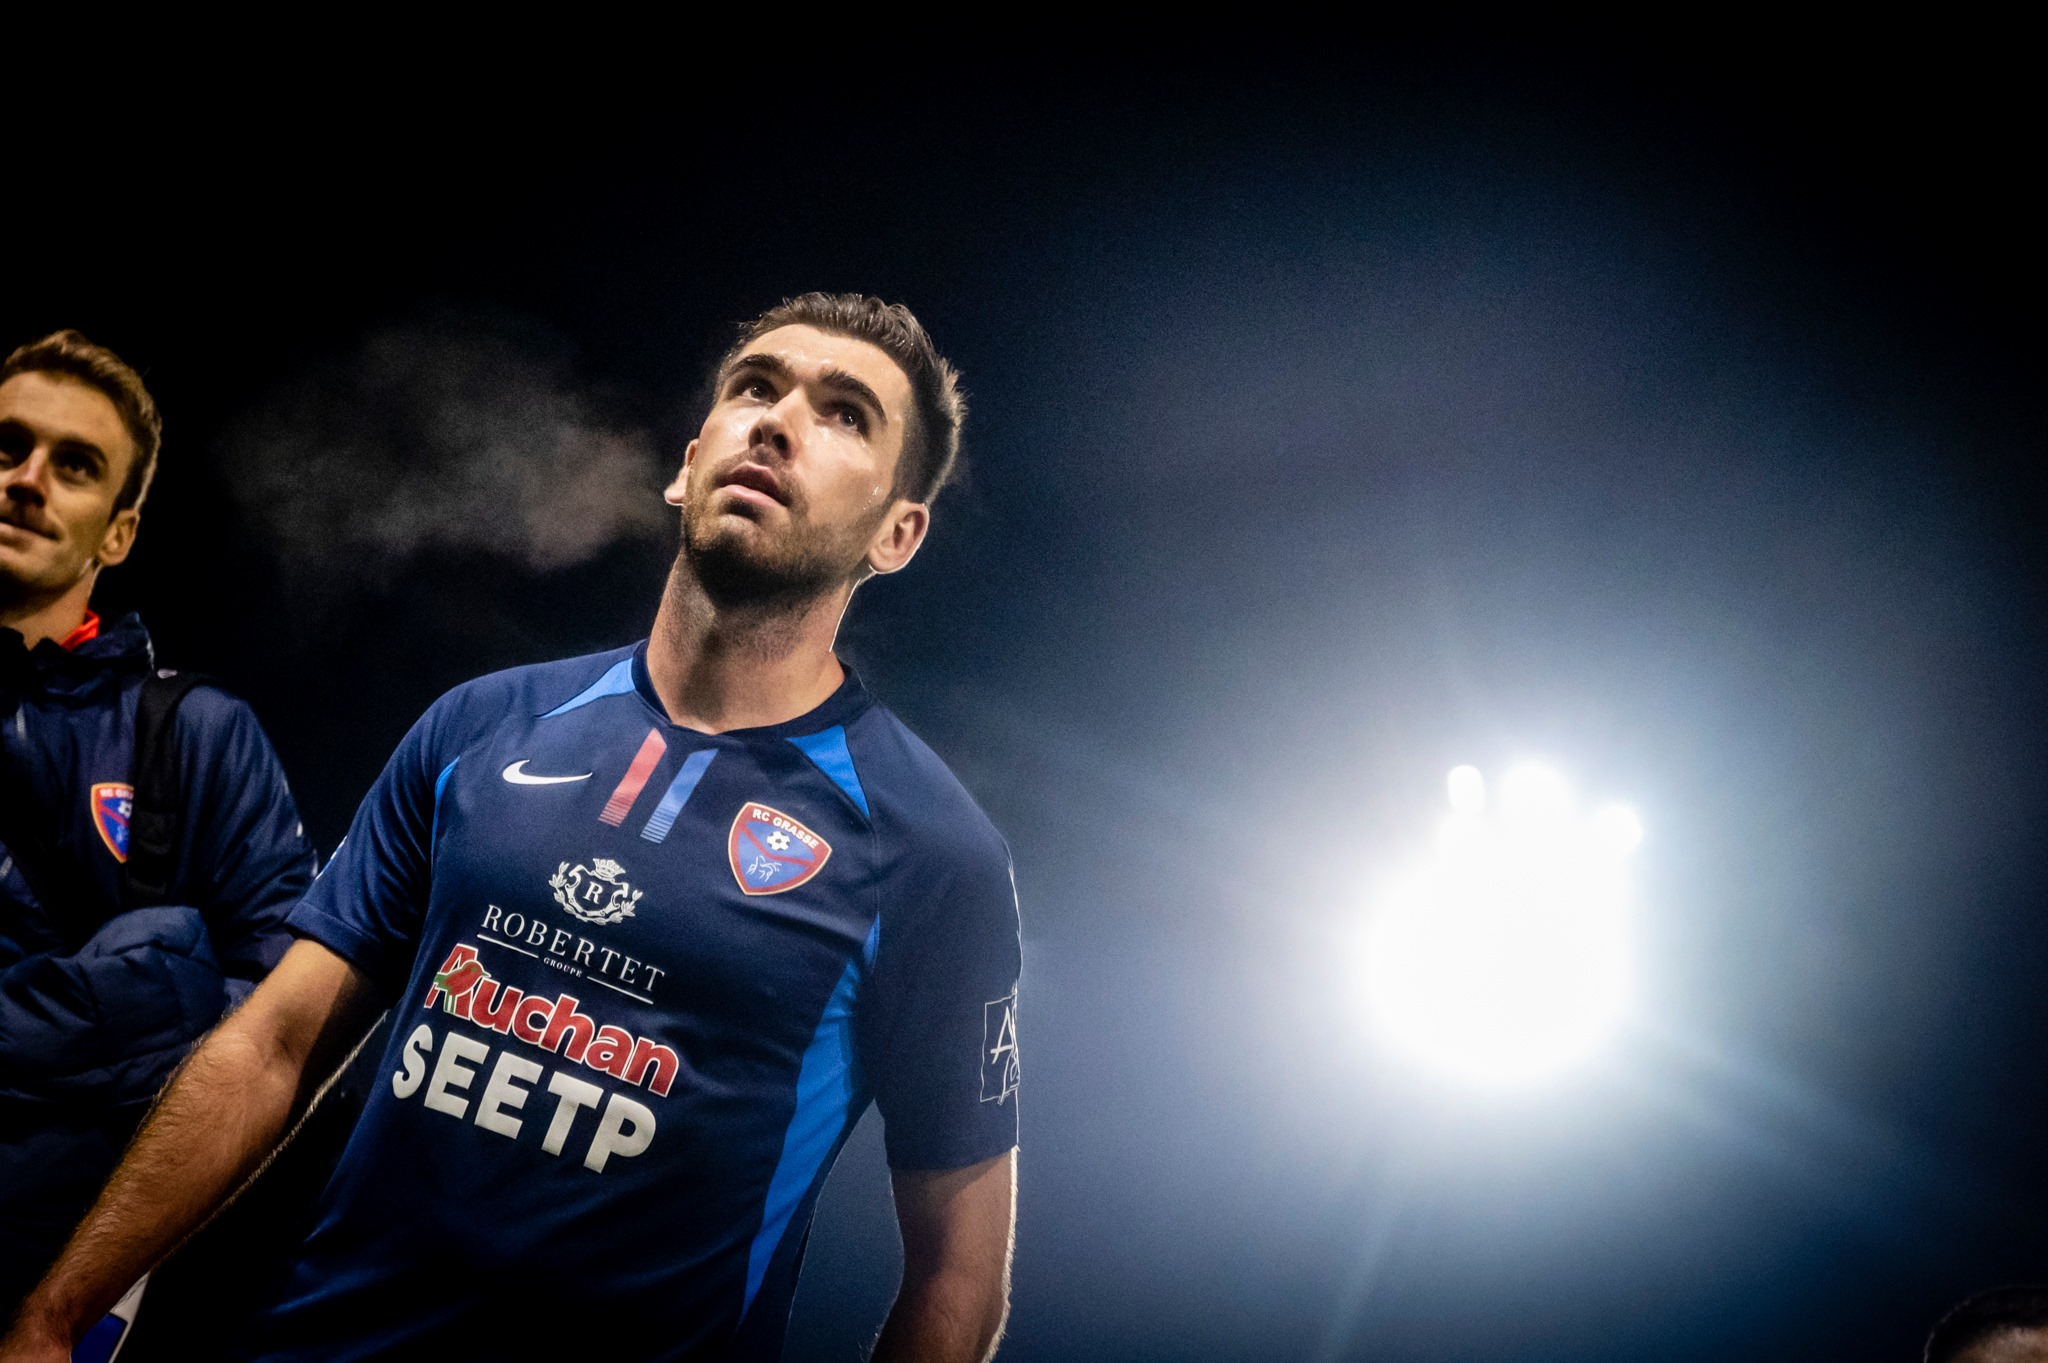 Coupe de France : Le Racing décroche une qualification historique pour le 8e tour